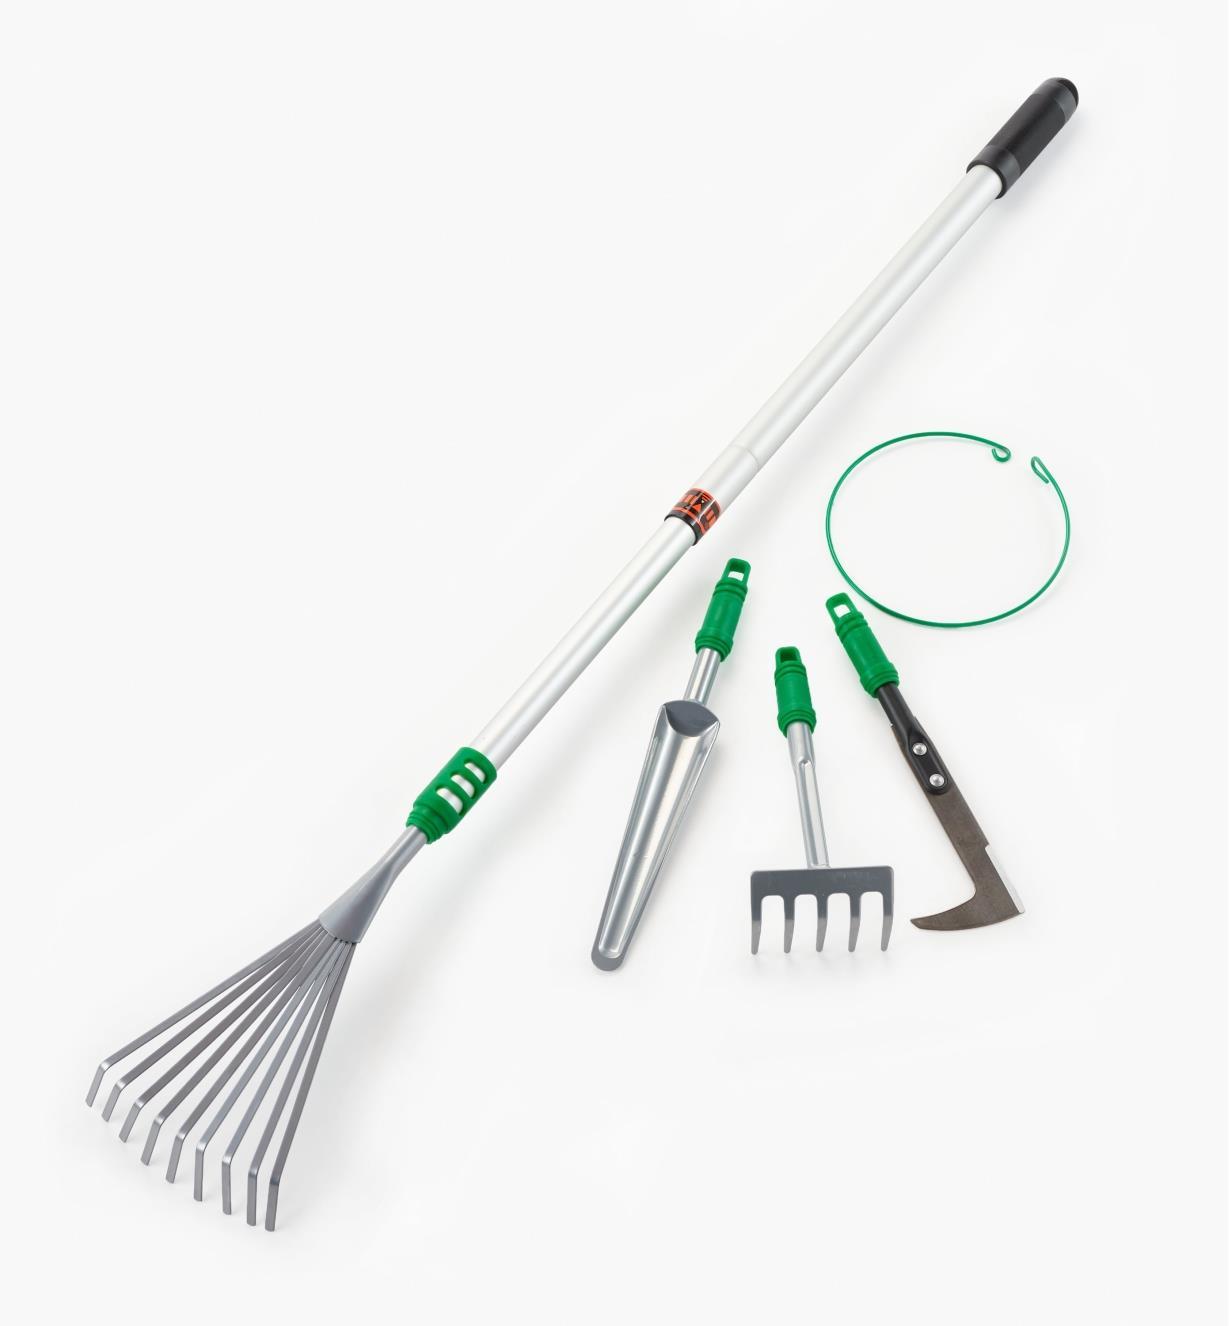 PT905 - Ensemble d'outils télescopiques